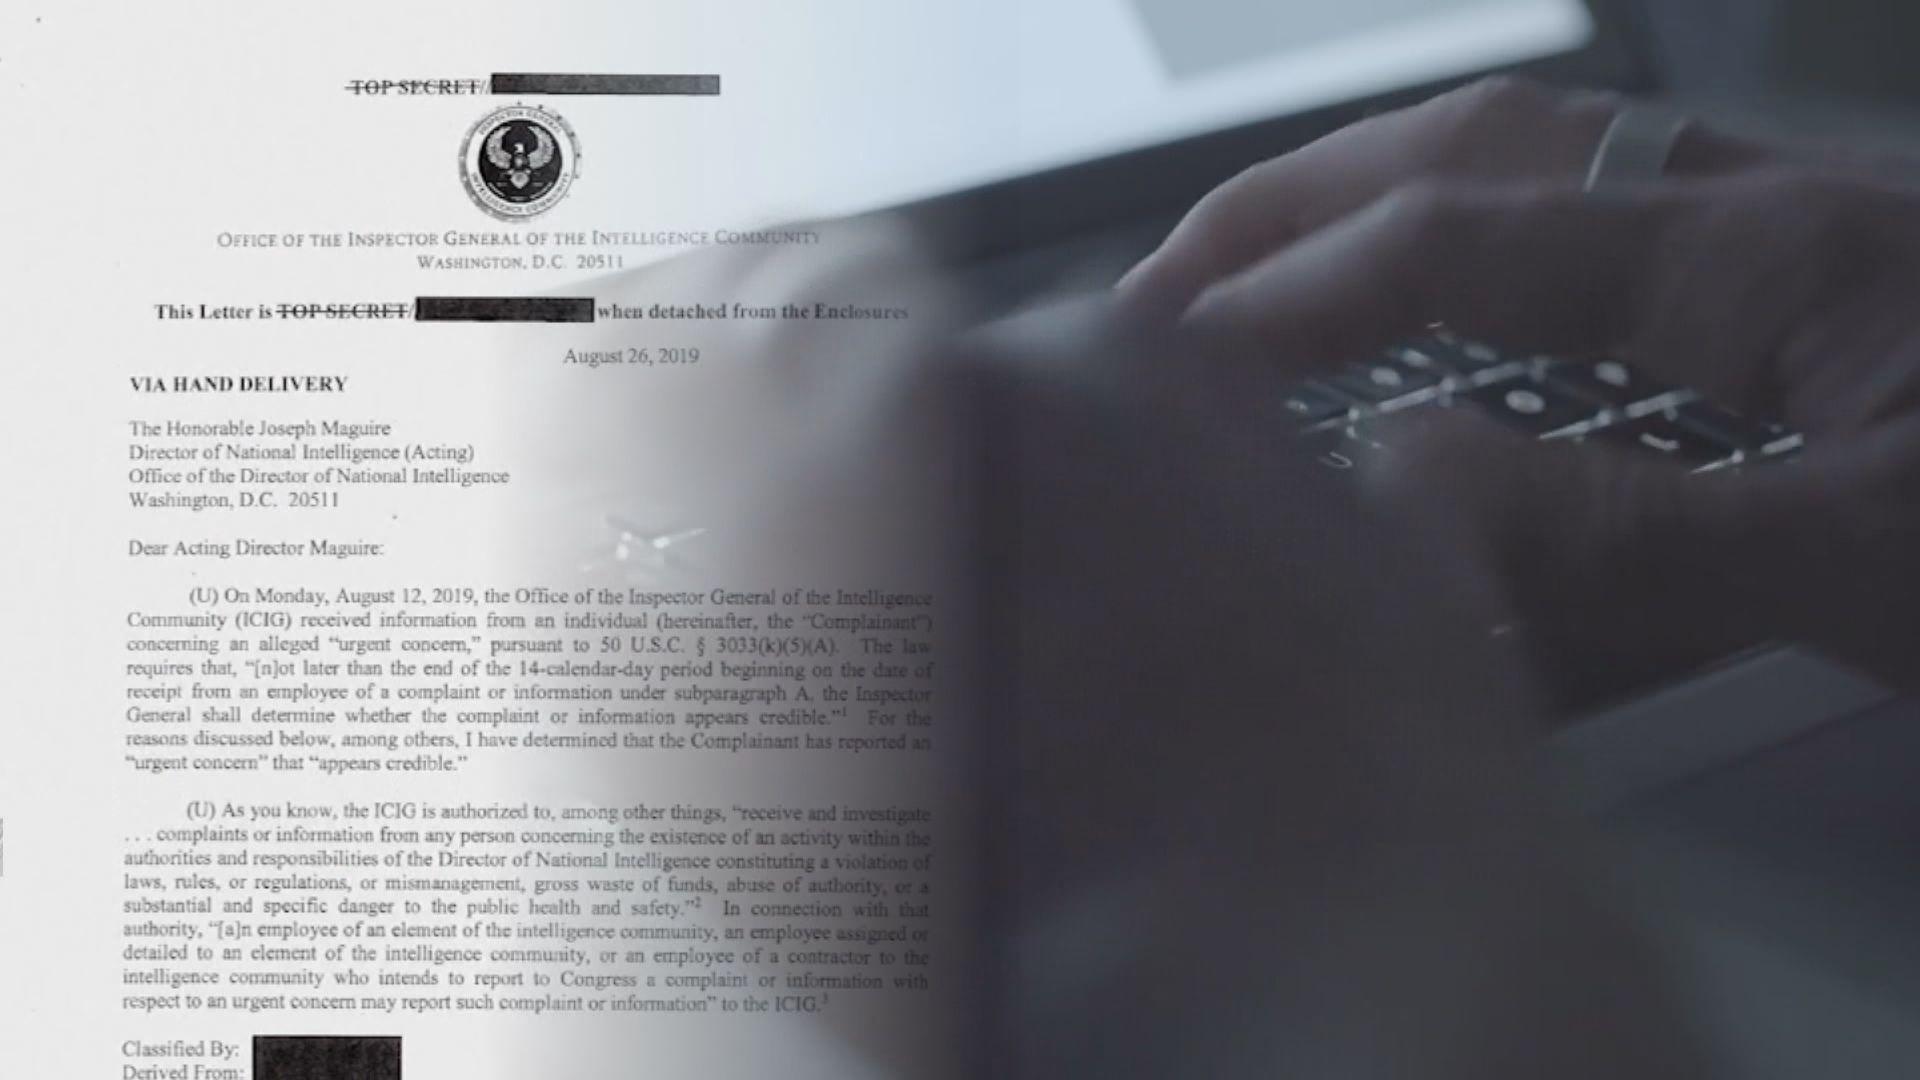 「通烏門」告密者作供前提確保身分保密